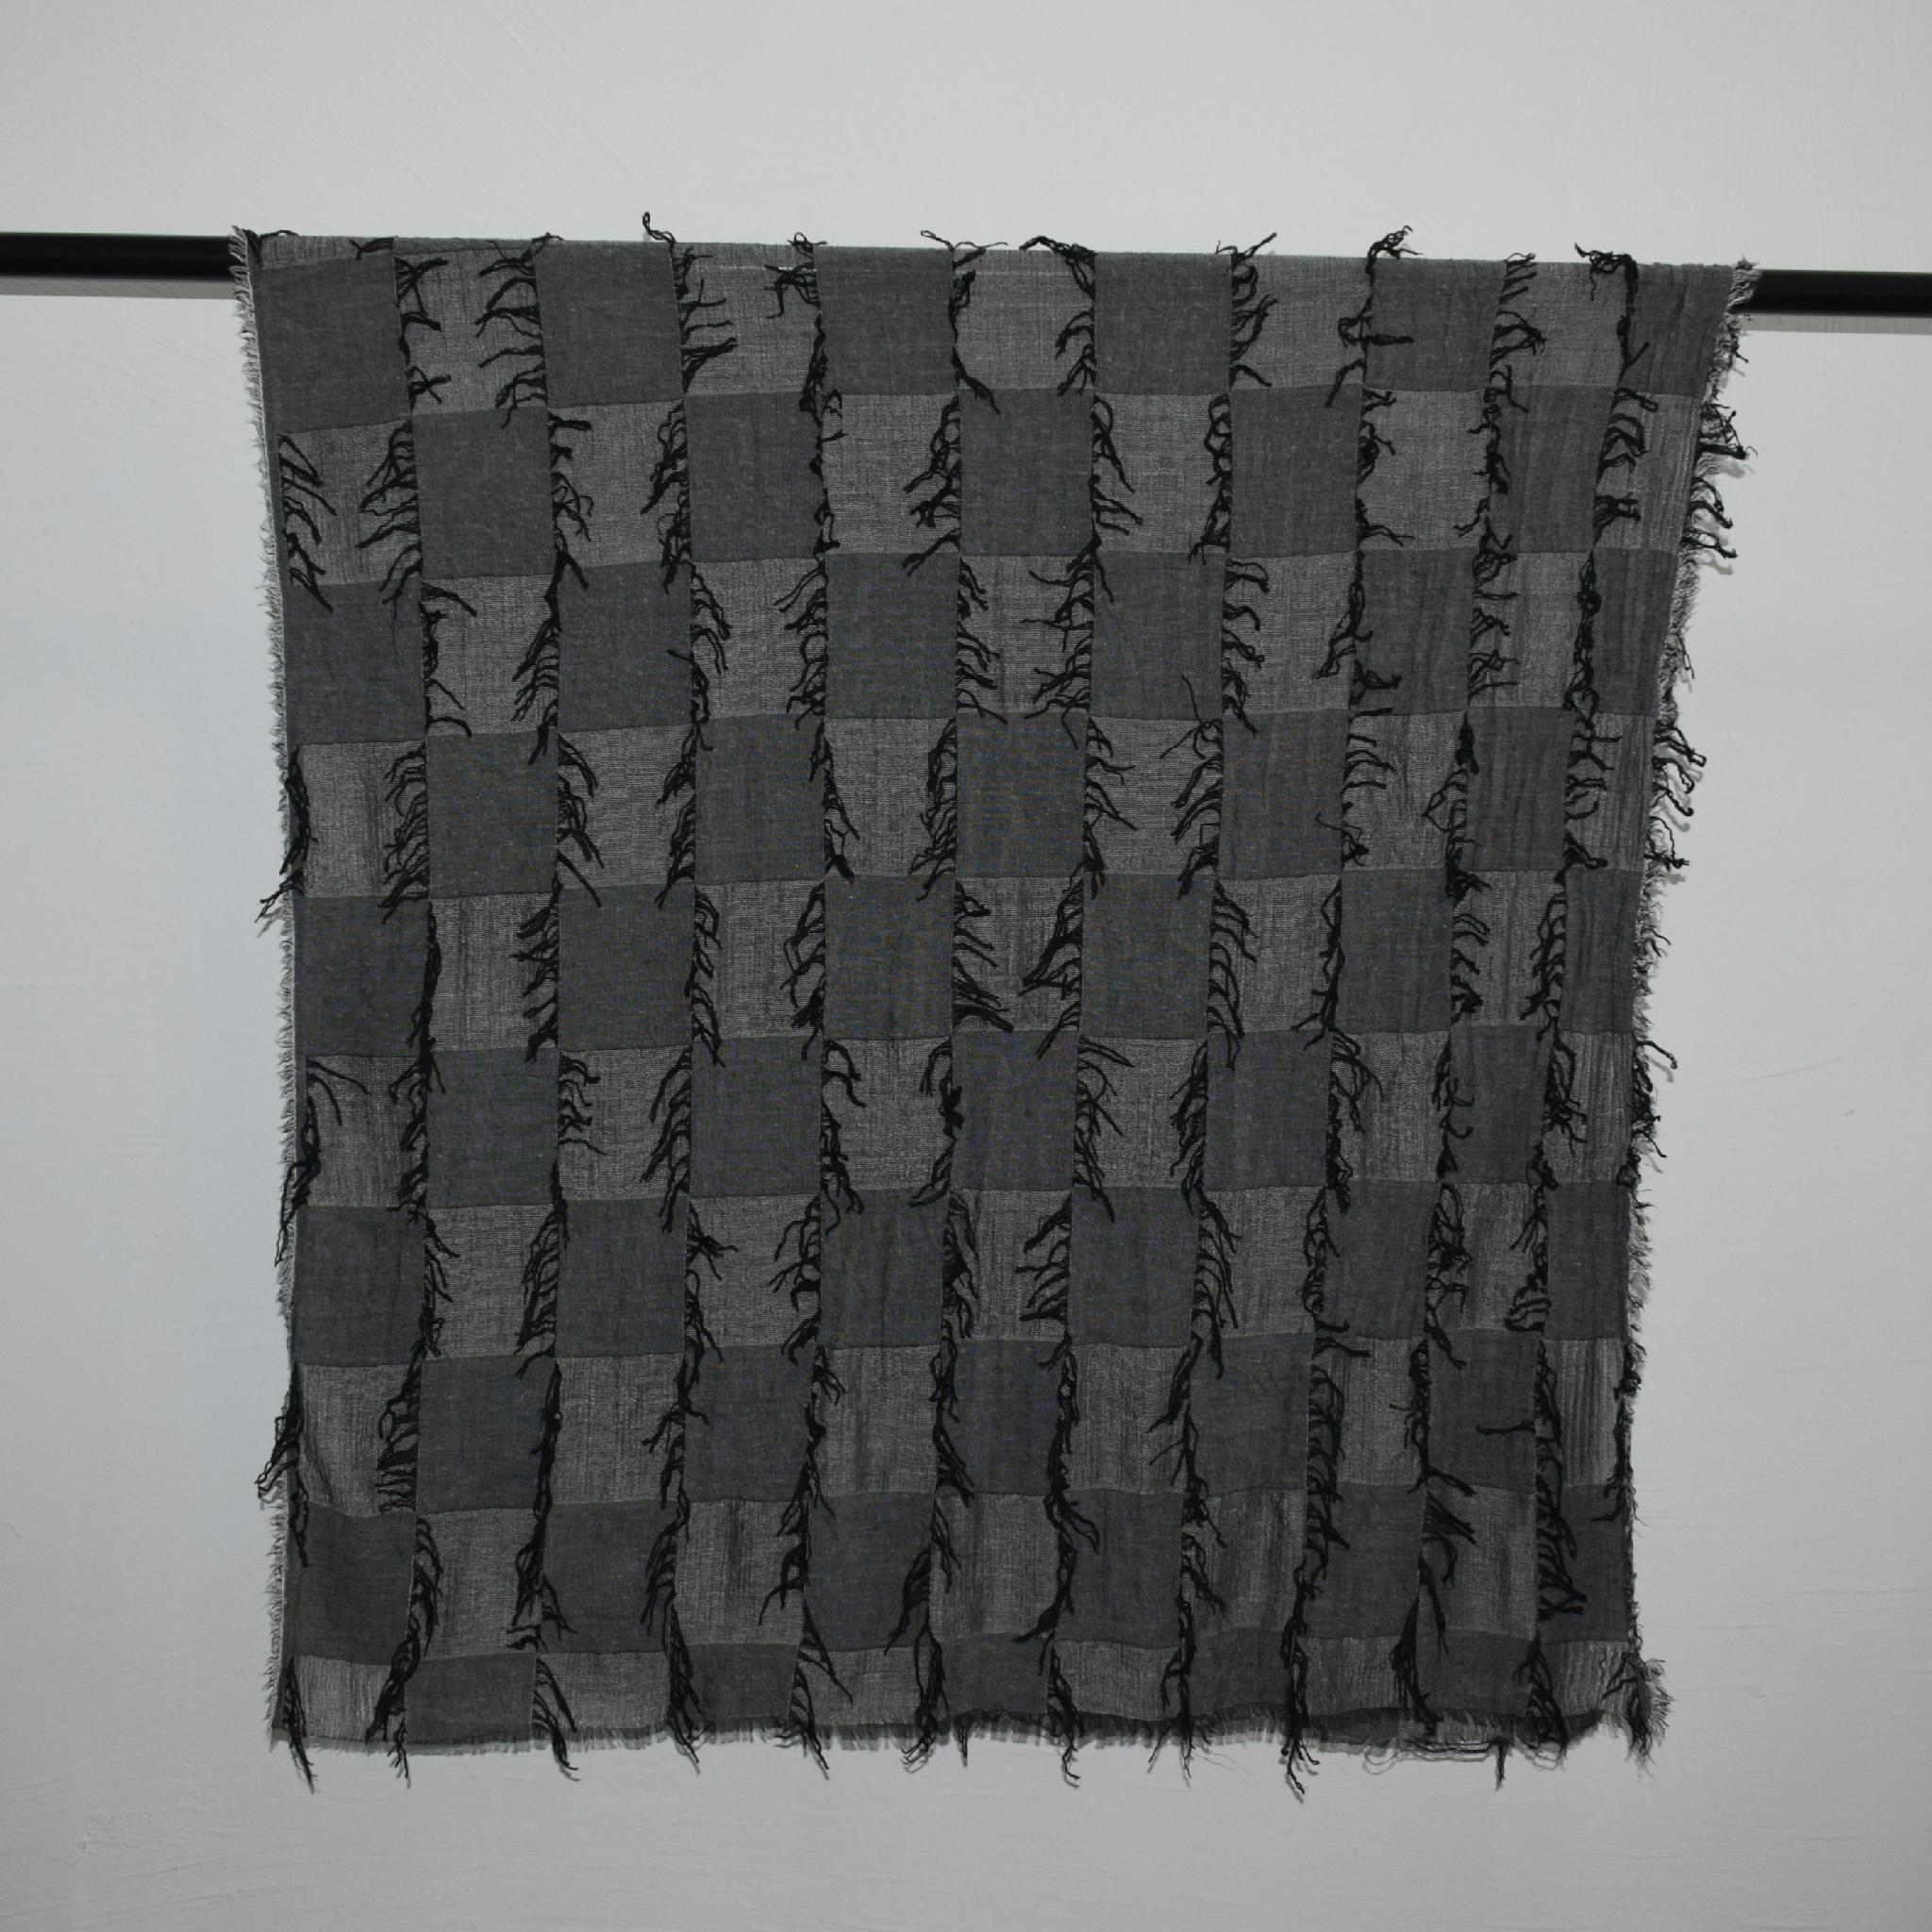 圍巾外貿圍巾定做品牌圍巾OEM加工 1